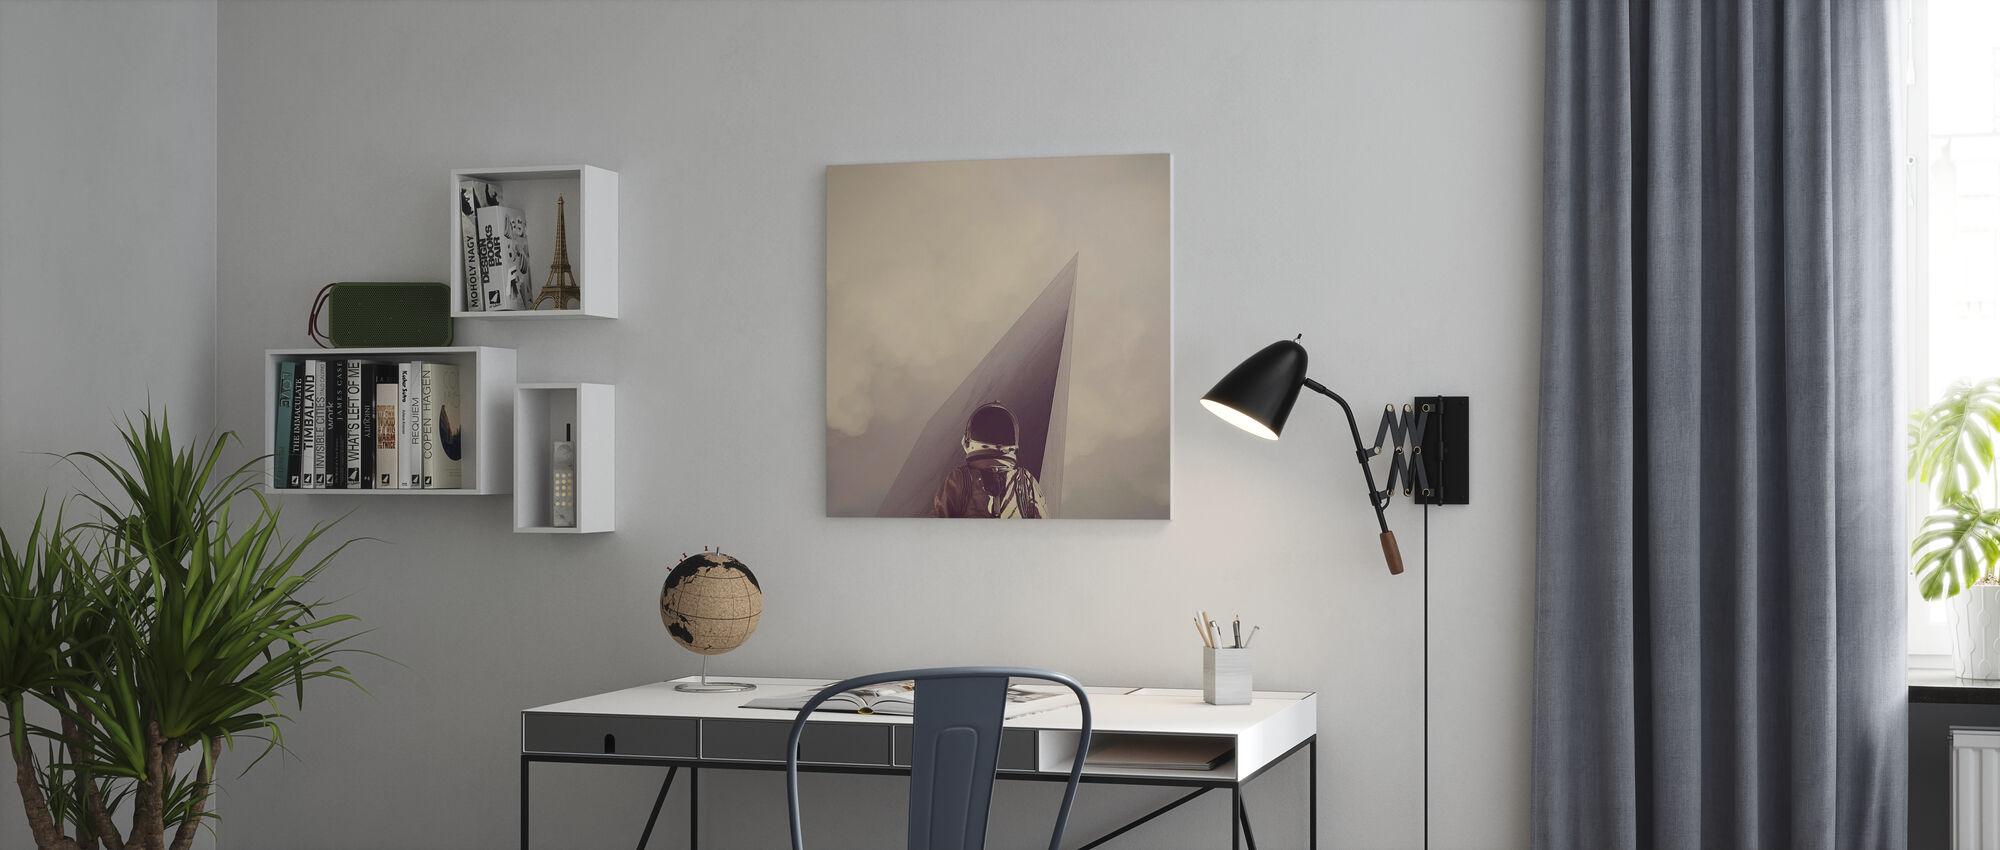 Punkt Omega - Canvastavla - Kontor